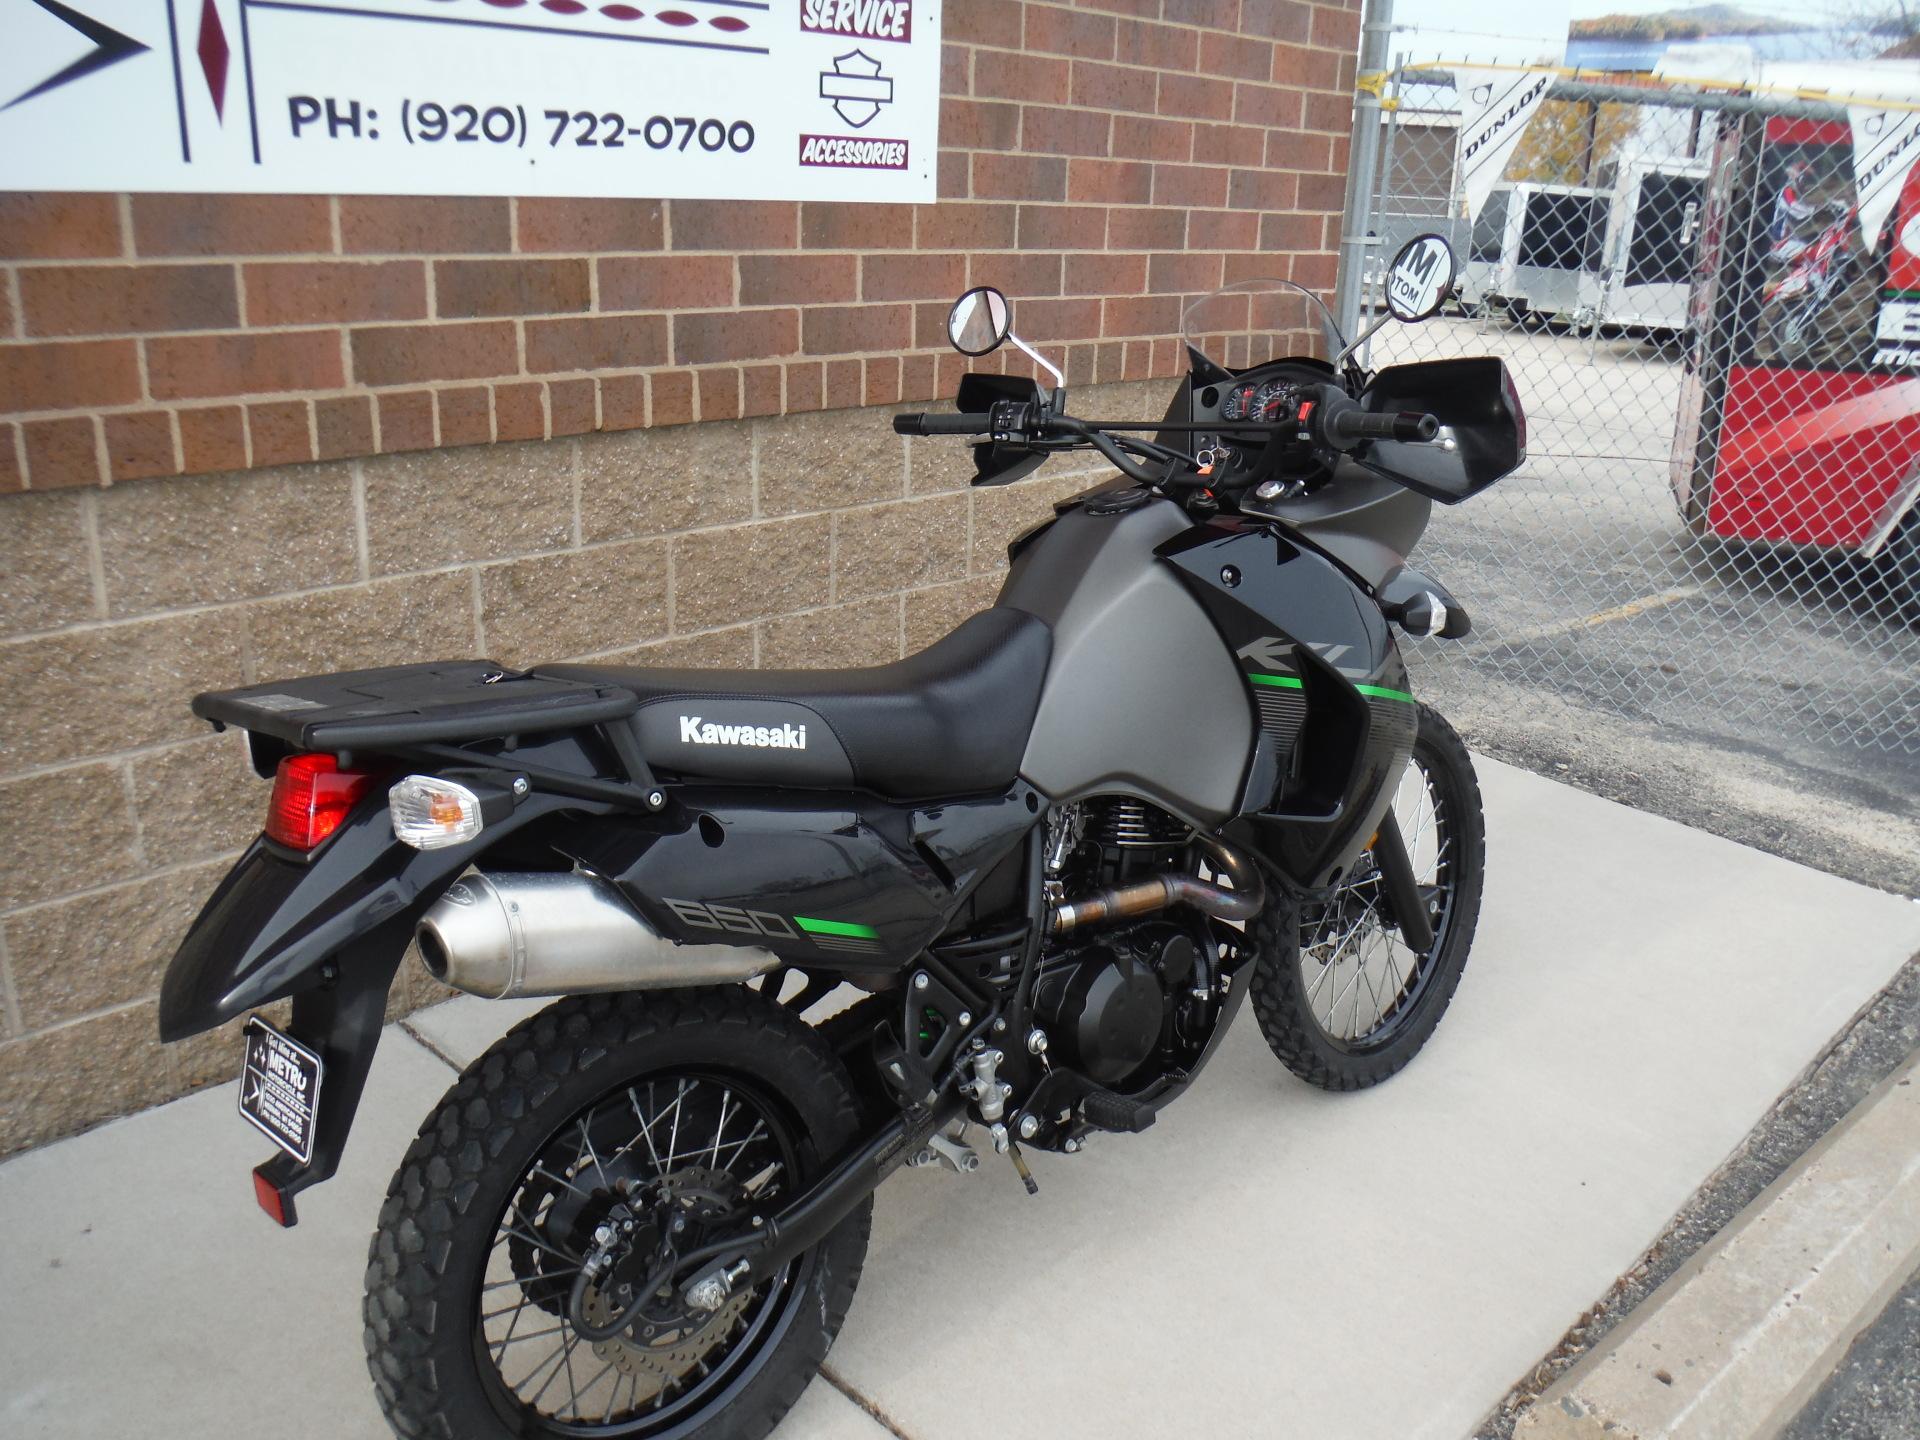 2015 Kawasaki KLR 650